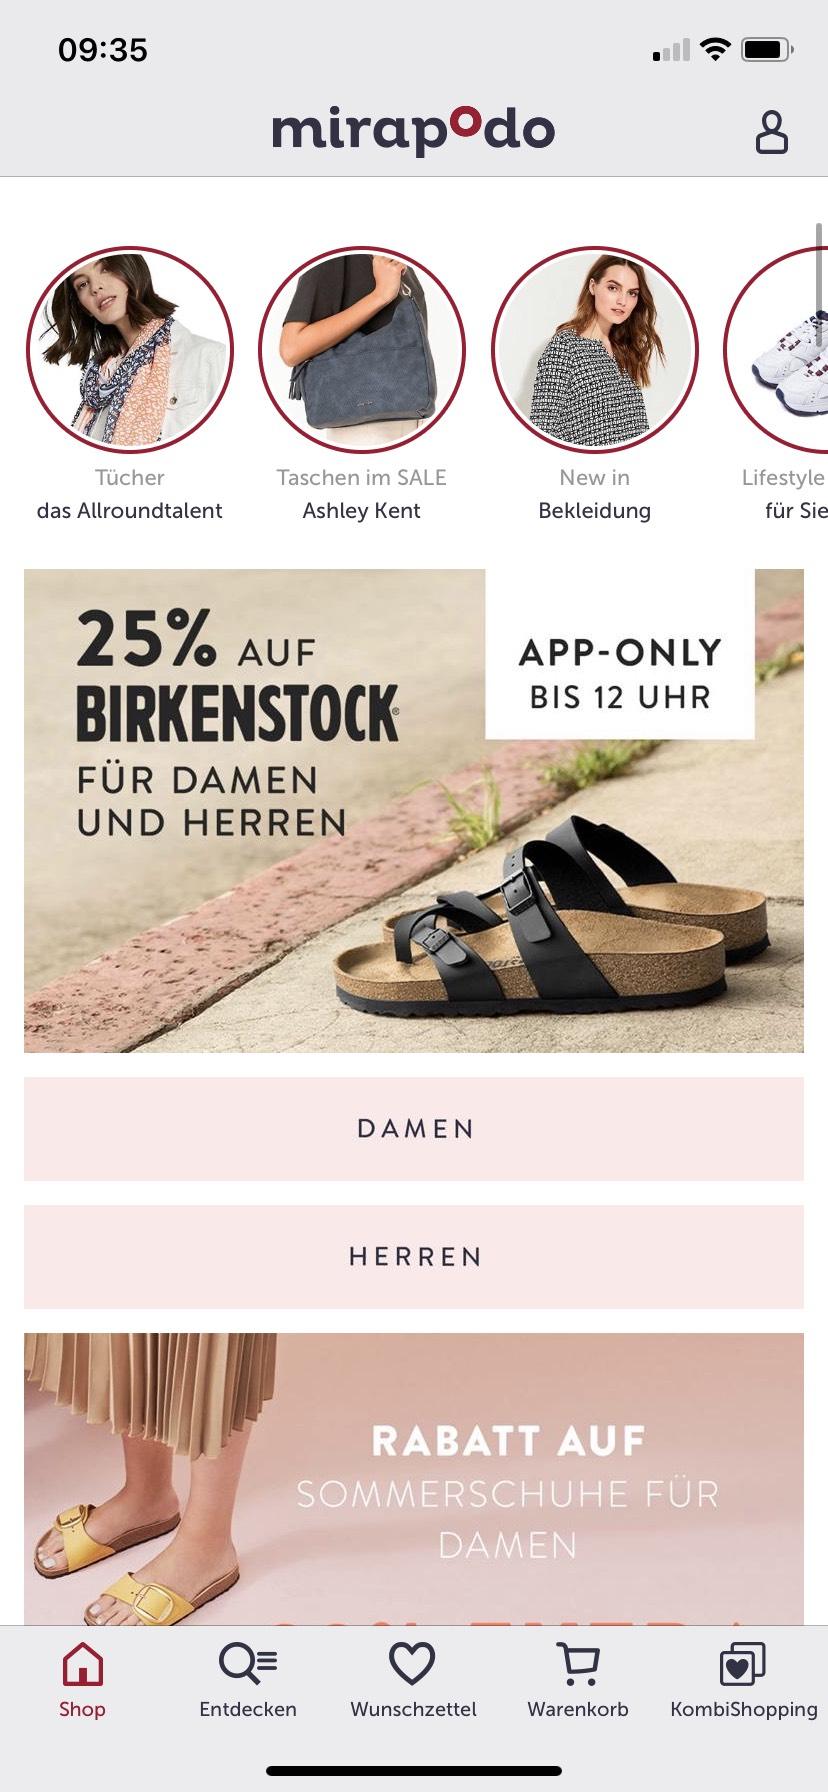 25% auf Birkenstock für Damen und Herren